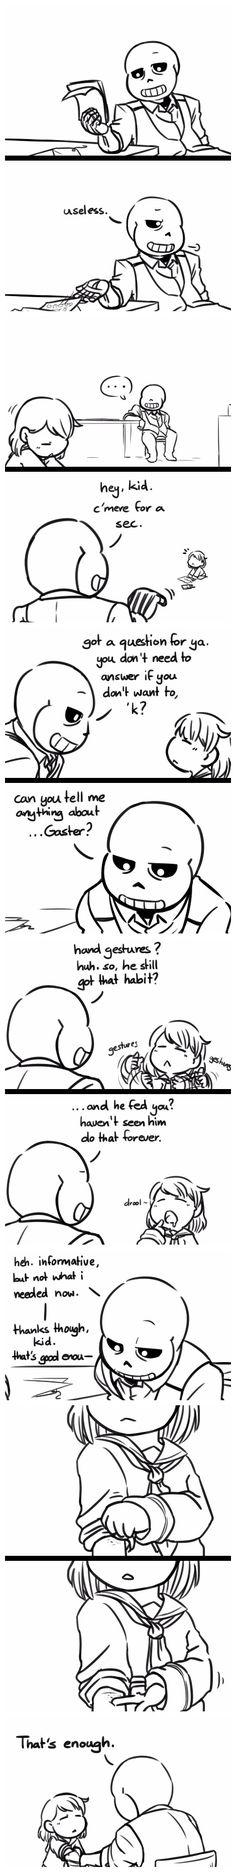 Sans and Frisk - MobsterUT #AU #comic